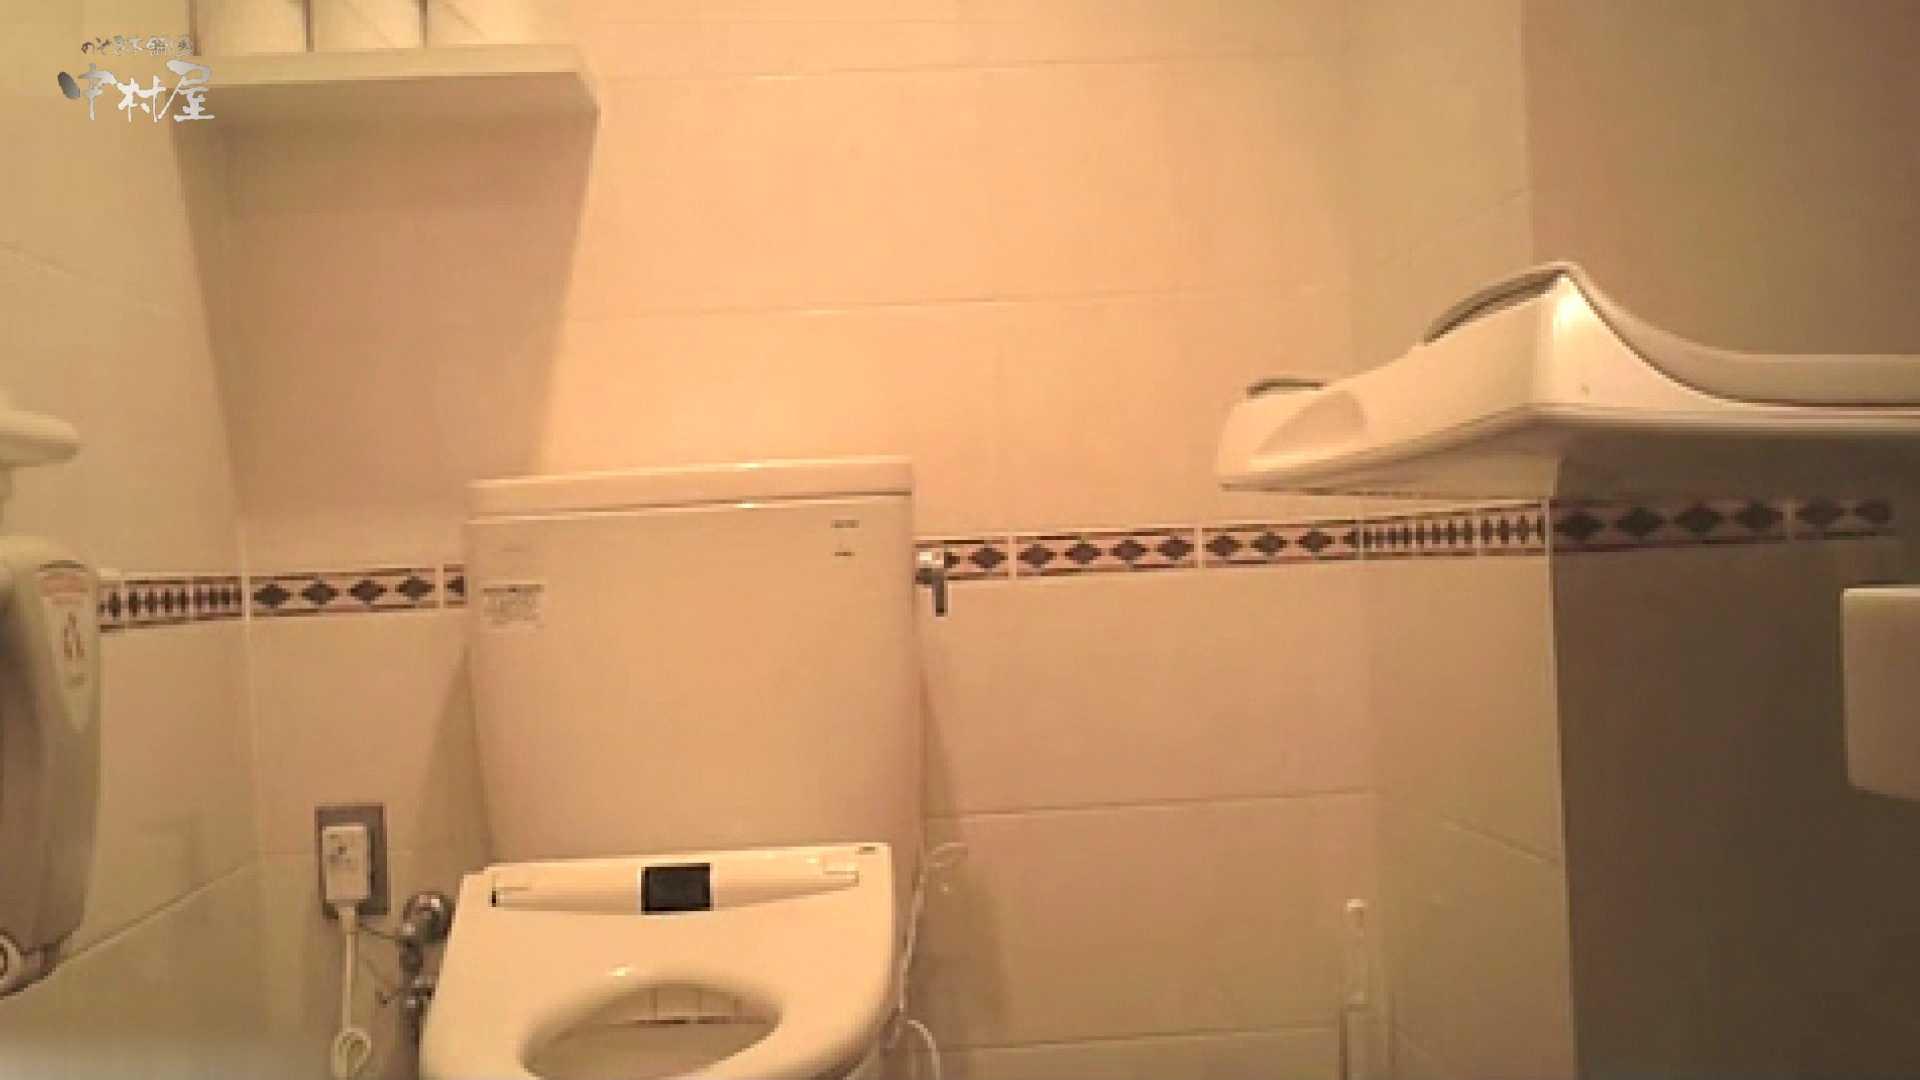 ティーンガールのトイレ覗き‼vol.07 美女まとめ ヌード画像 75PIX 44